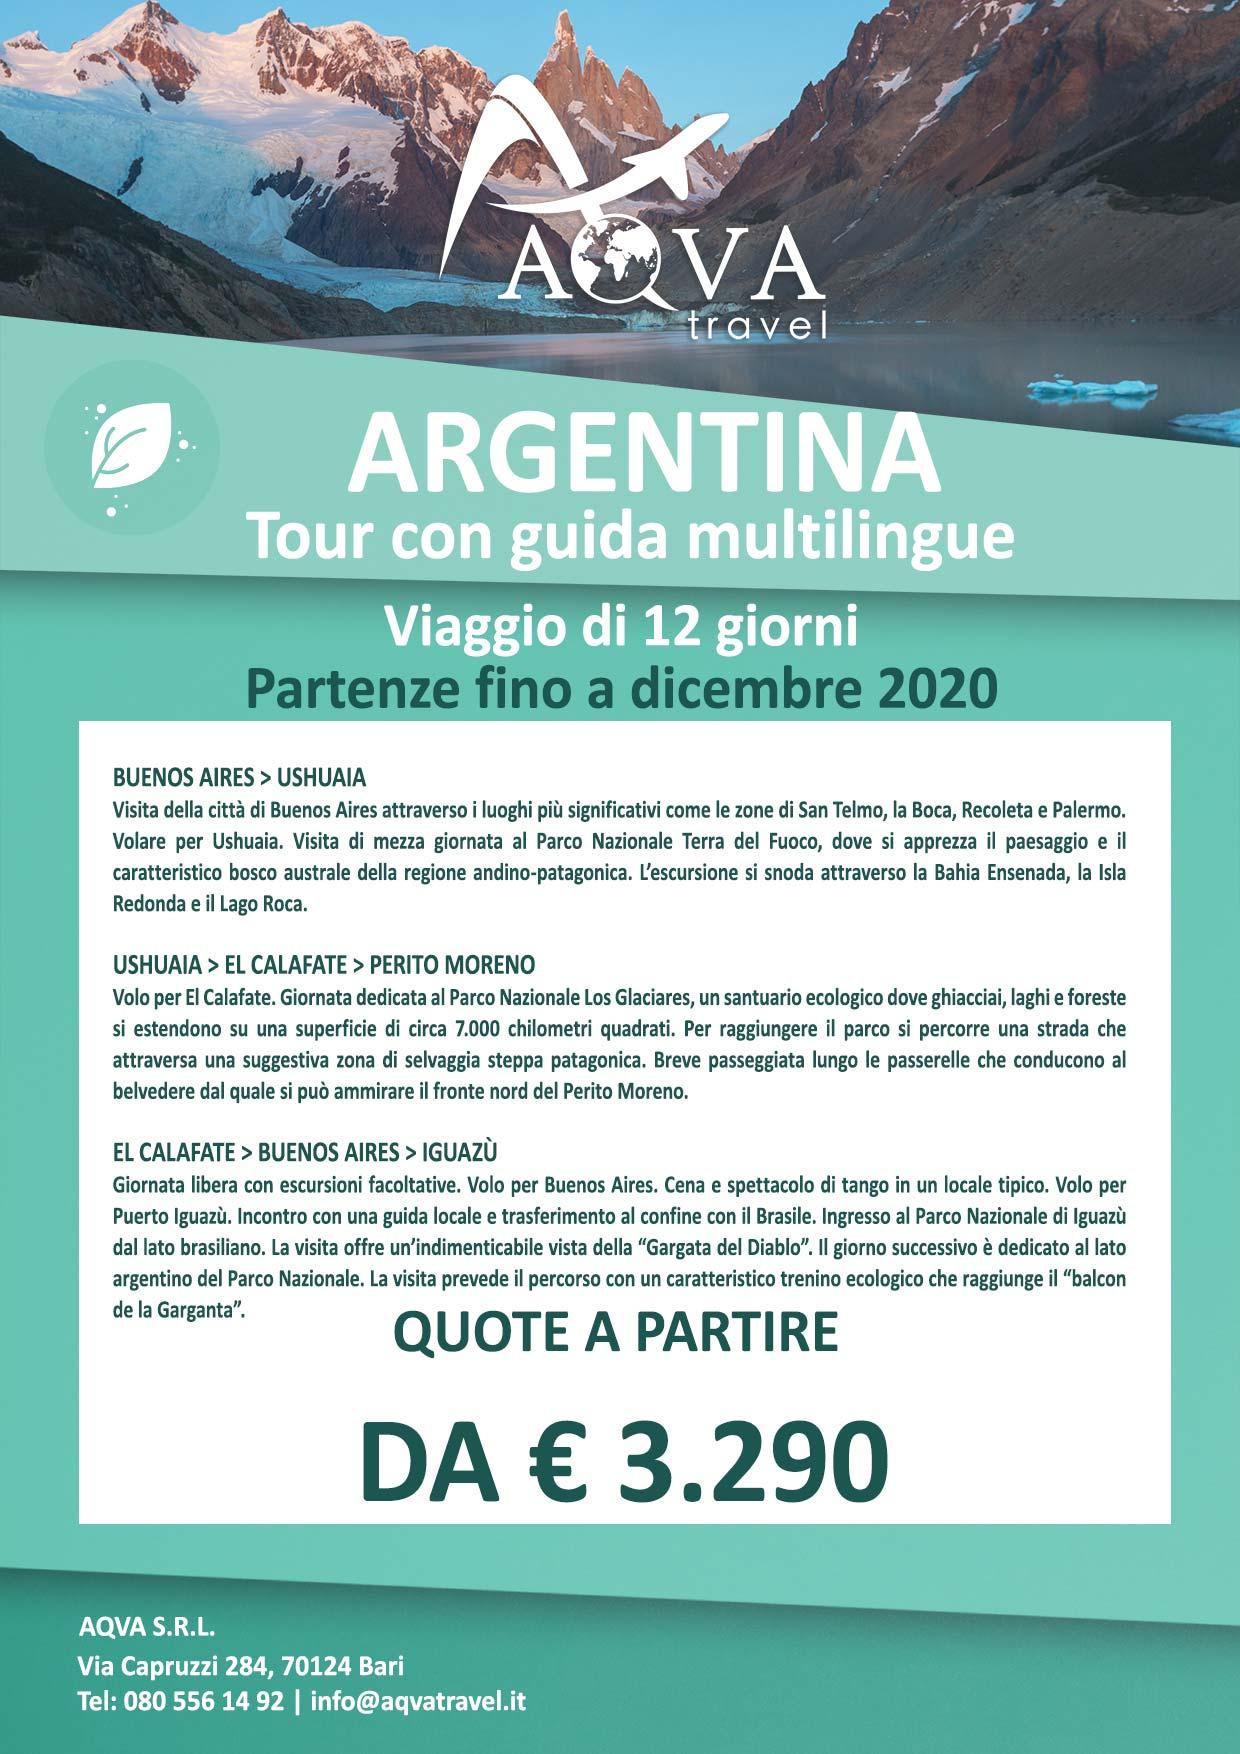 Argentina-Viaggio-di-12-giorni-offerte-agenzia-di-viaggi-Bari-AQVATRAVEL-it